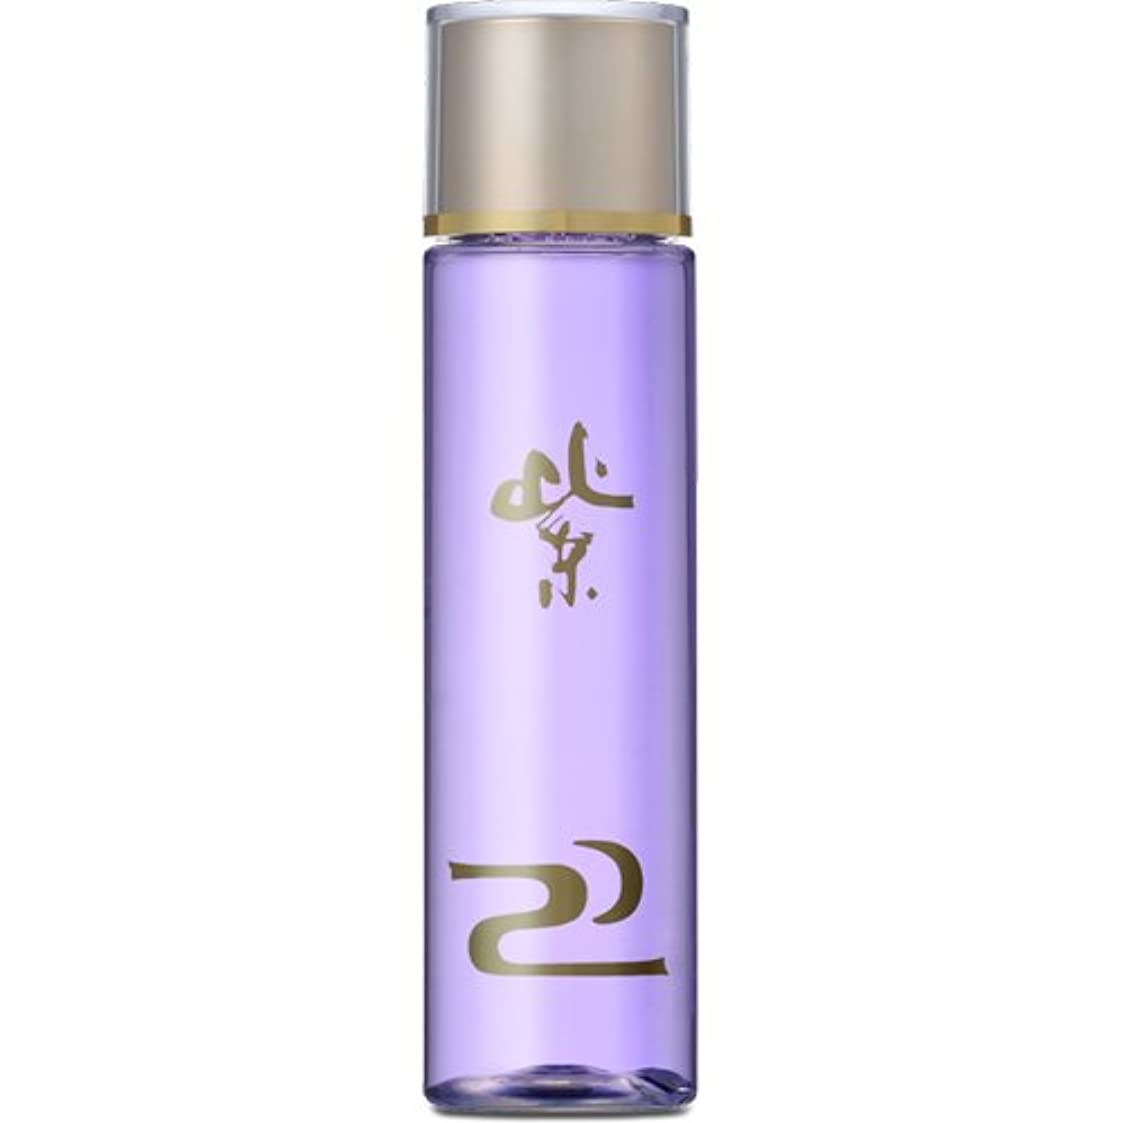 鉄国民オプショナルホワイトリリー WL紫 120mL 化粧水